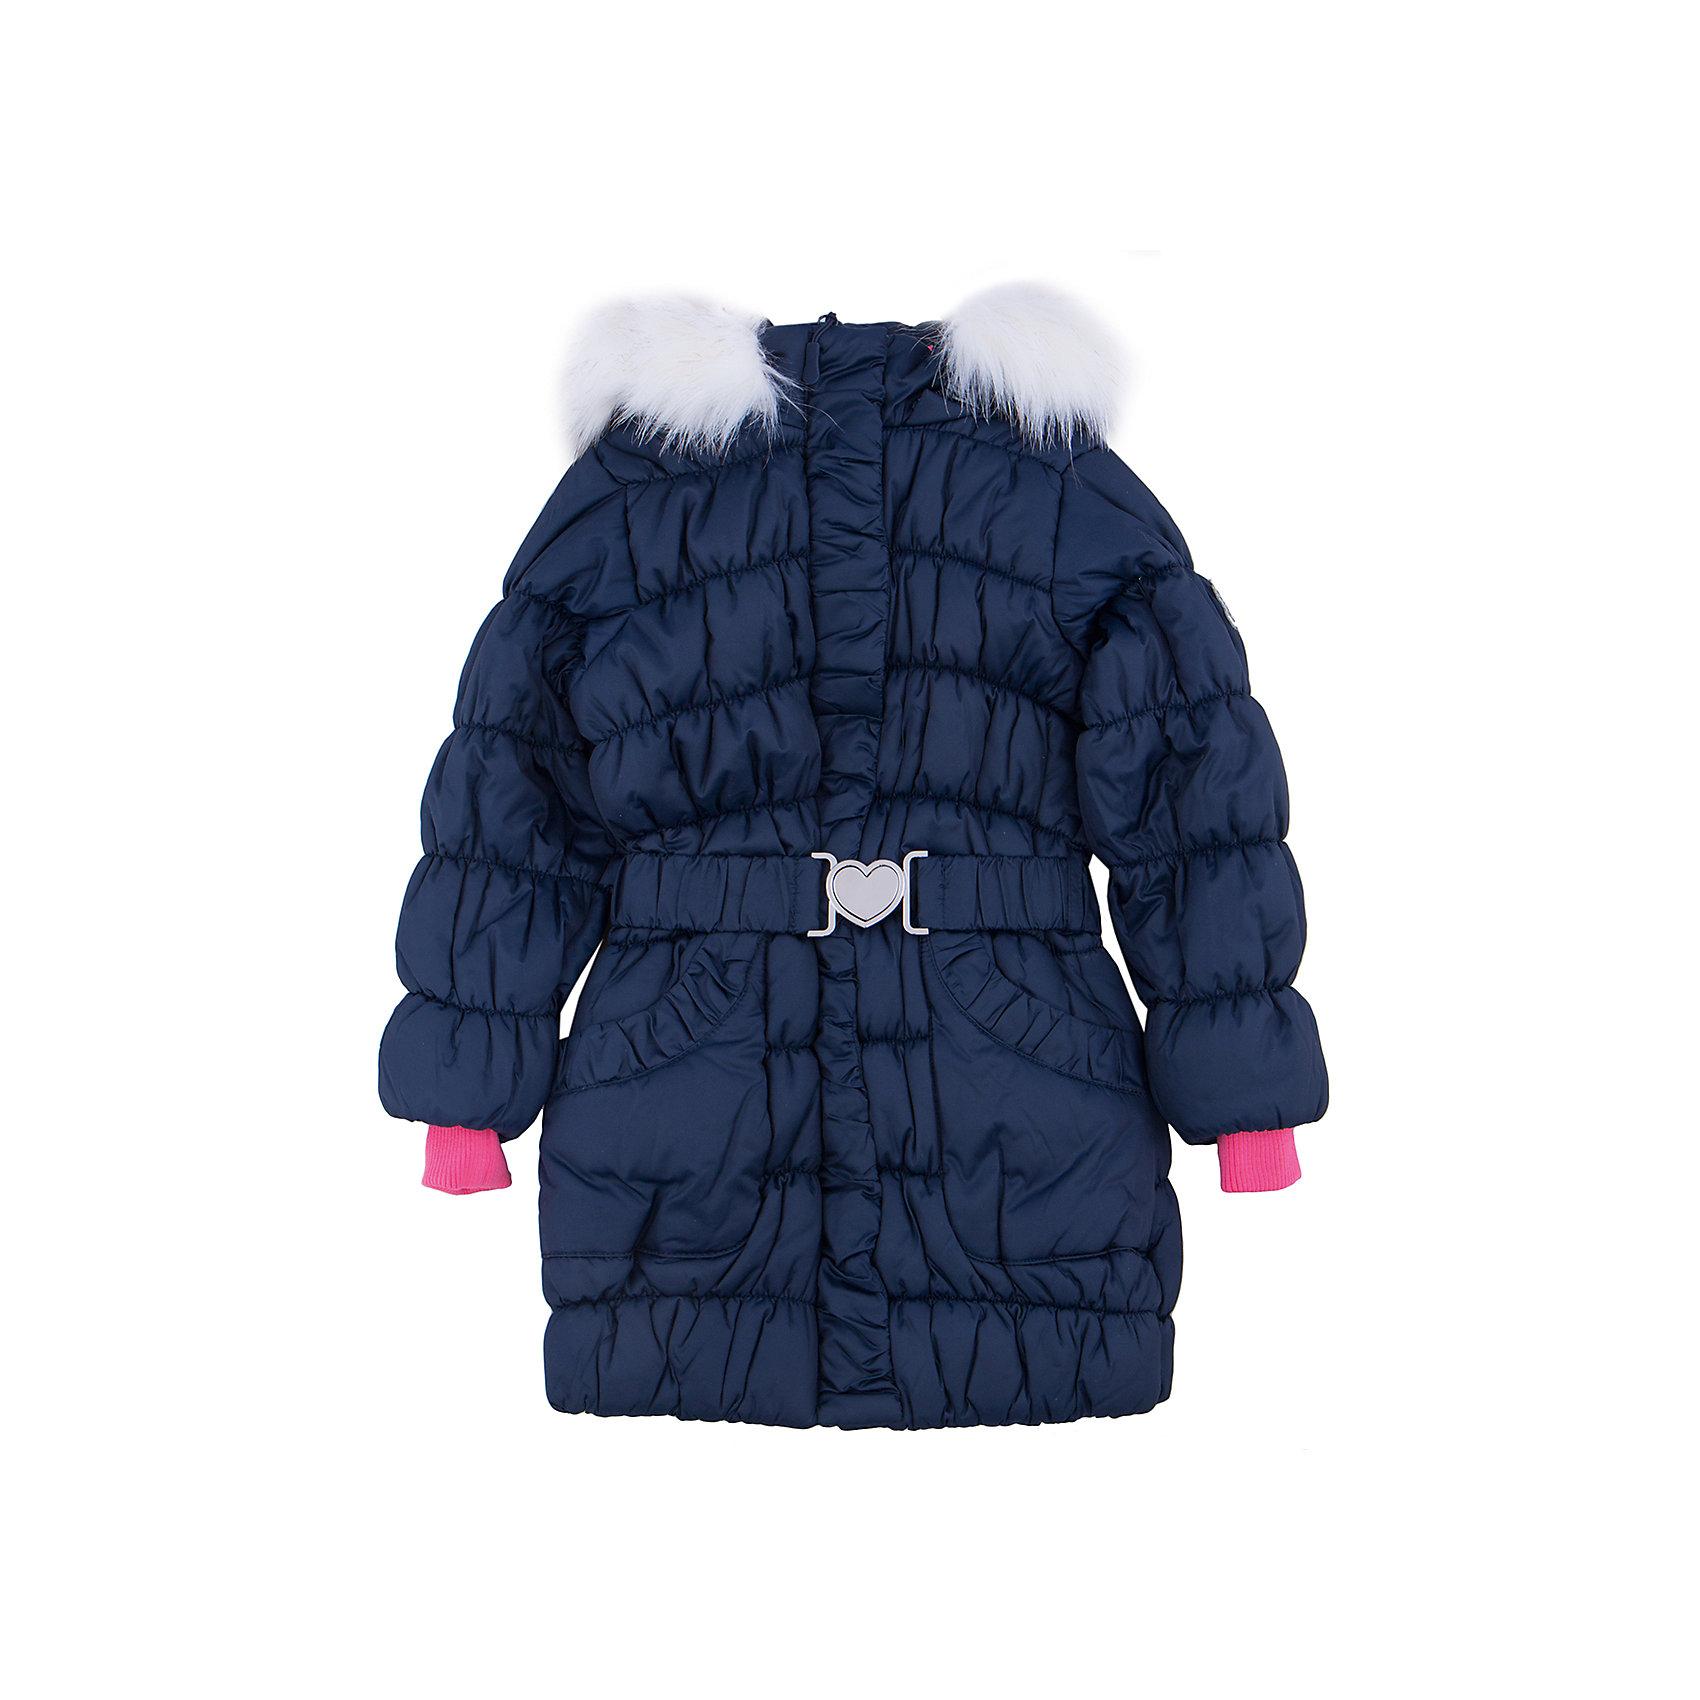 Пальто для девочки PlayTodayЗимние куртки<br>Пальто для девочки от известного бренда PlayToday.<br>Теплое удлиненное пальто. Рукава и пояс на резинке. Застегивается на молнию, есть два функциональных кармана. Капюшон украшен искусственным белым мехом.<br>Состав:<br>Верх: 100% полиэстер, Подкладка: 100% полиэстер, Наполнитель: 100% полиэстер, 260 г/м2<br><br>Ширина мм: 356<br>Глубина мм: 10<br>Высота мм: 245<br>Вес г: 519<br>Цвет: синий<br>Возраст от месяцев: 36<br>Возраст до месяцев: 48<br>Пол: Женский<br>Возраст: Детский<br>Размер: 104,122,128,98,110,116<br>SKU: 4897976